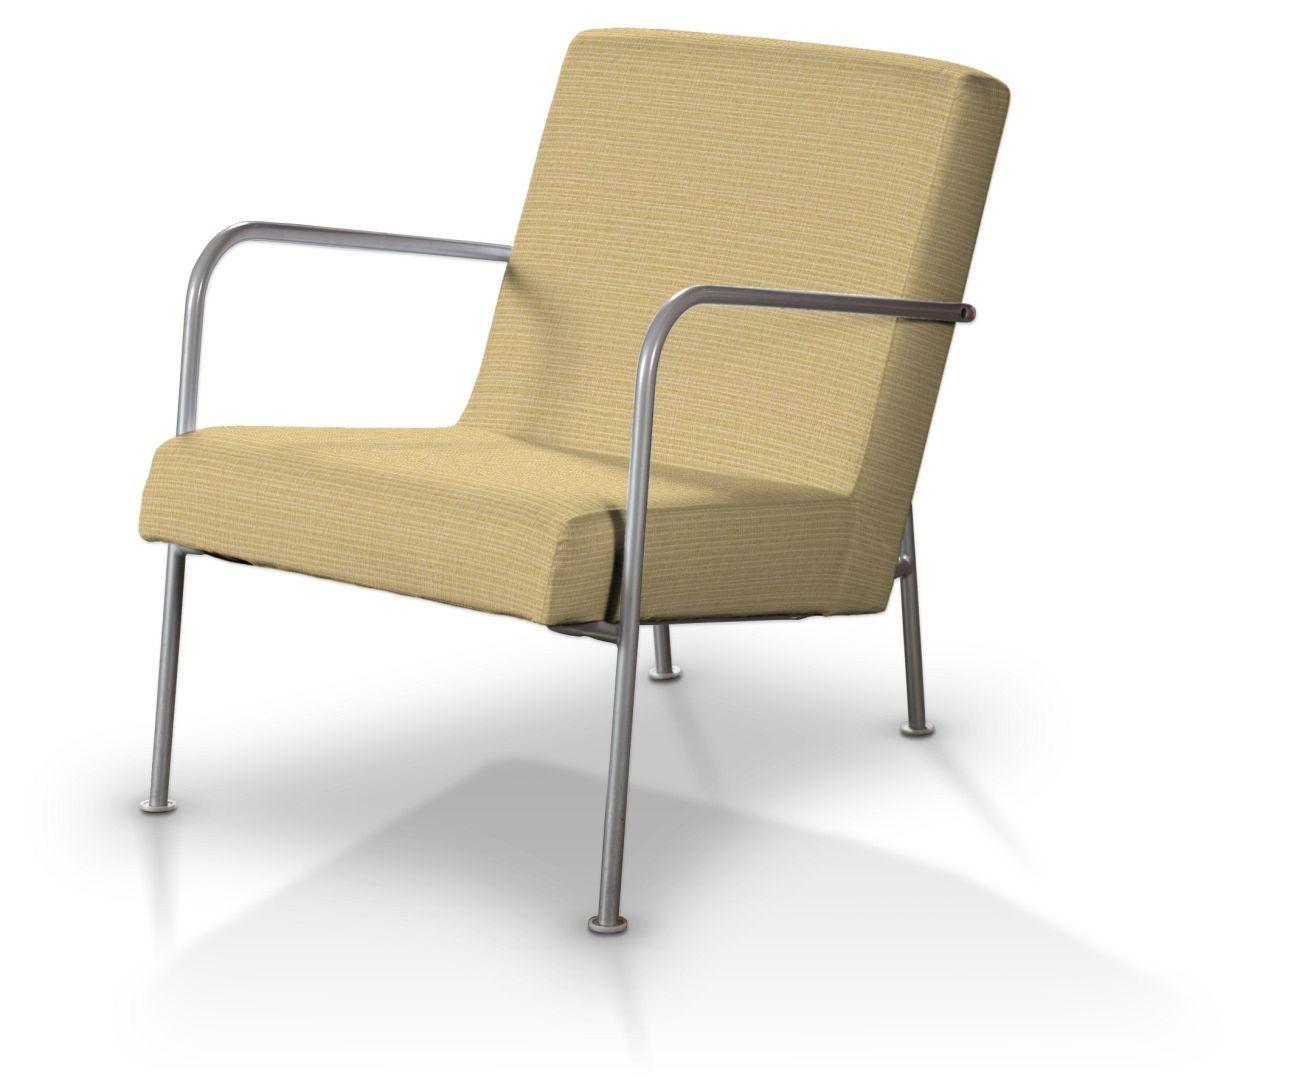 Full Size of Sessel Ikea P9009 Küche Kosten Schlafzimmer Sofa Mit Schlaffunktion Hängesessel Garten Relaxsessel Aldi Lounge Modulküche Kaufen Betten Bei Wohnzimmer Wohnzimmer Sessel Ikea